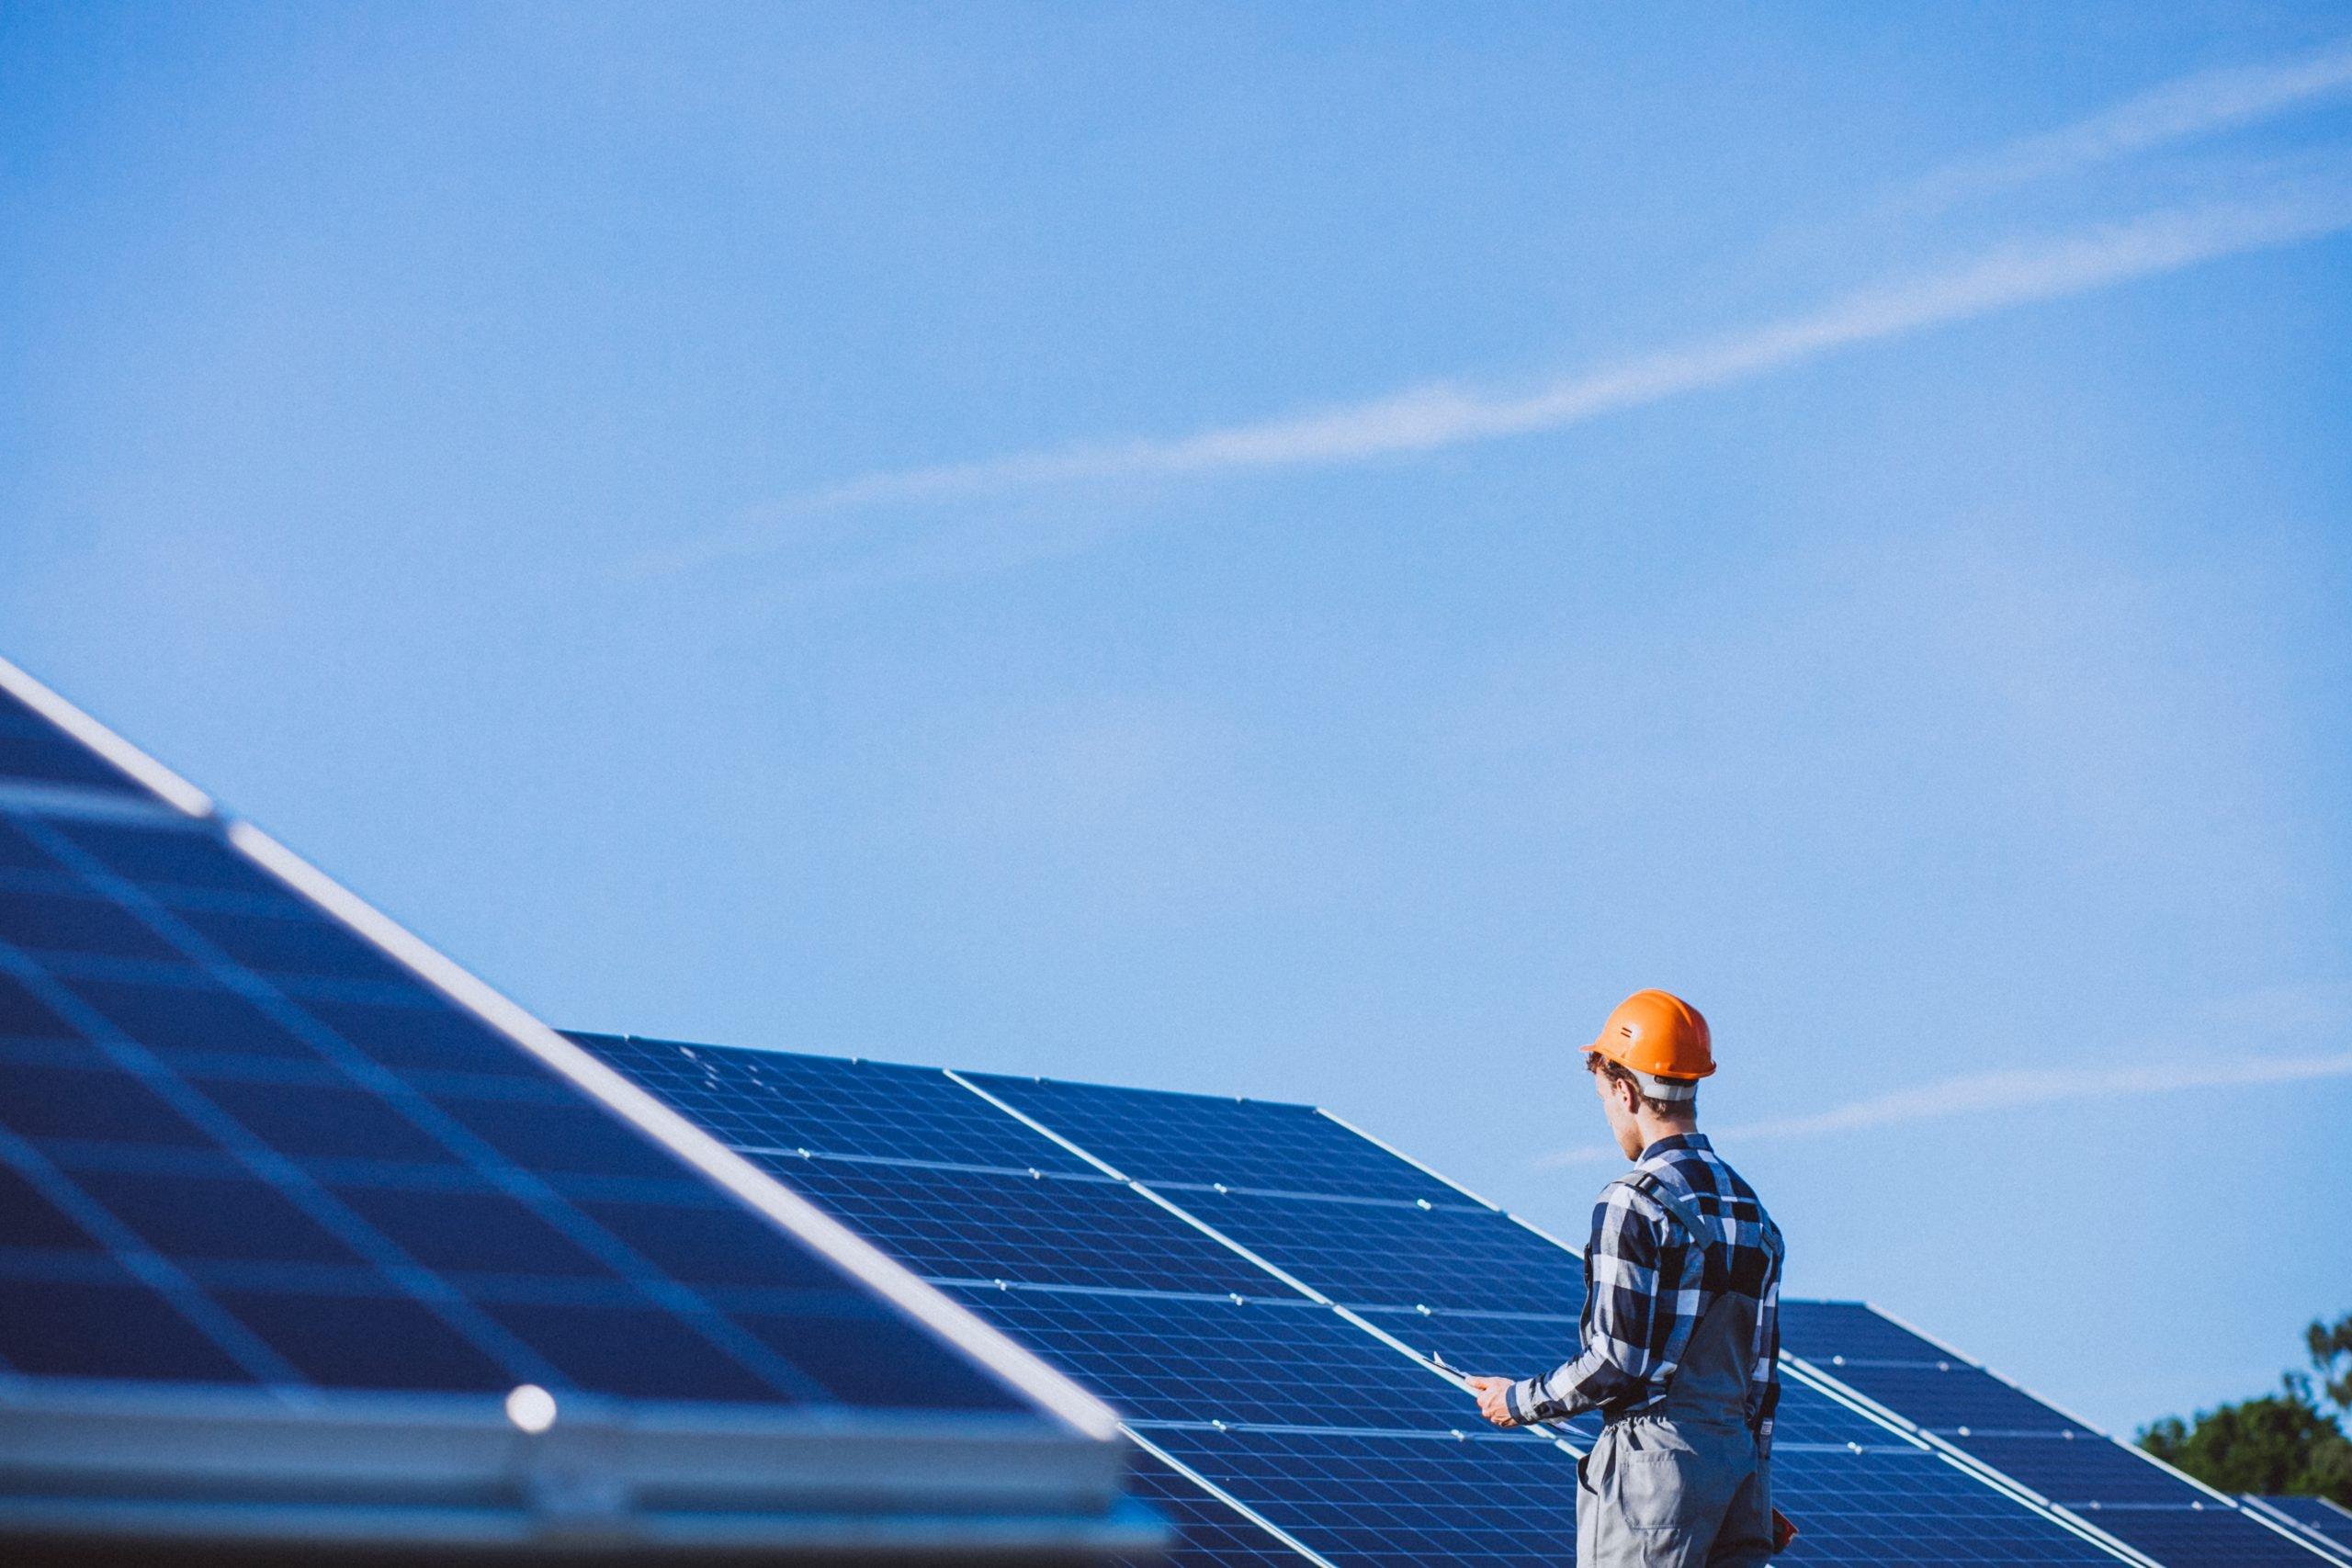 Gli operai di Gruppo altea per la manutenzione dei tuoi pannelli fotovoltaici